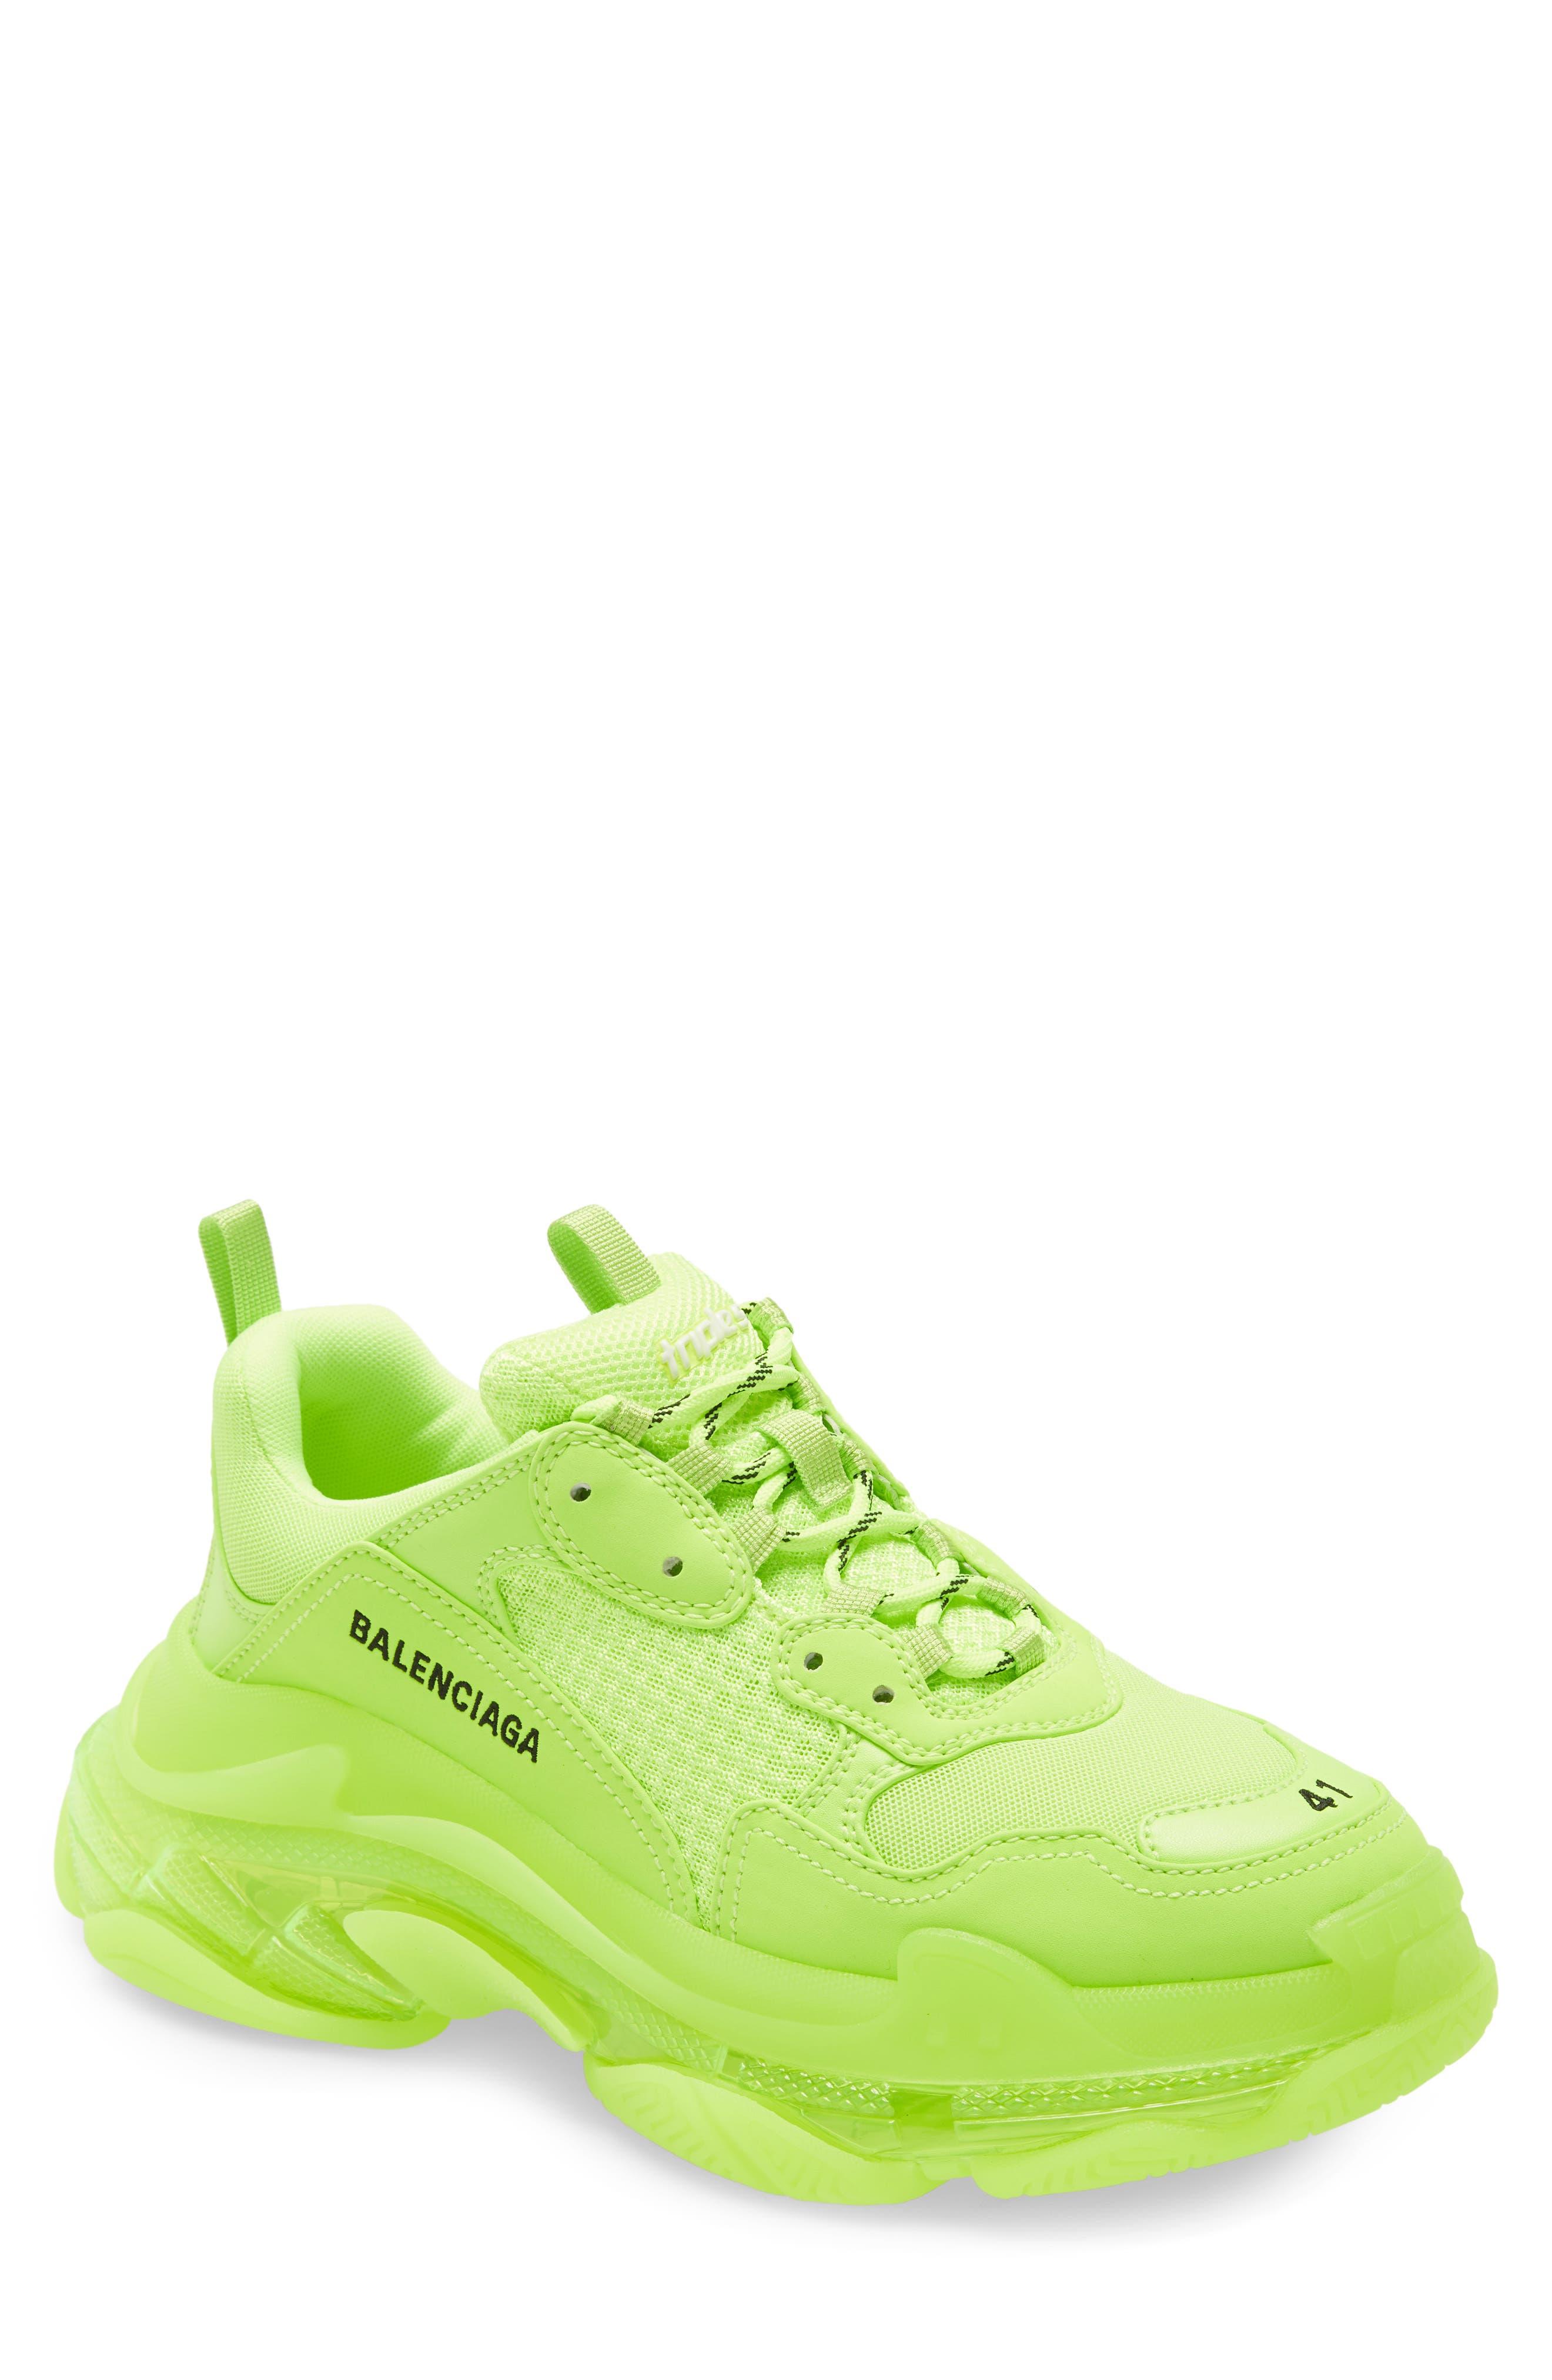 Balenciaga Shoes | Nordstrom